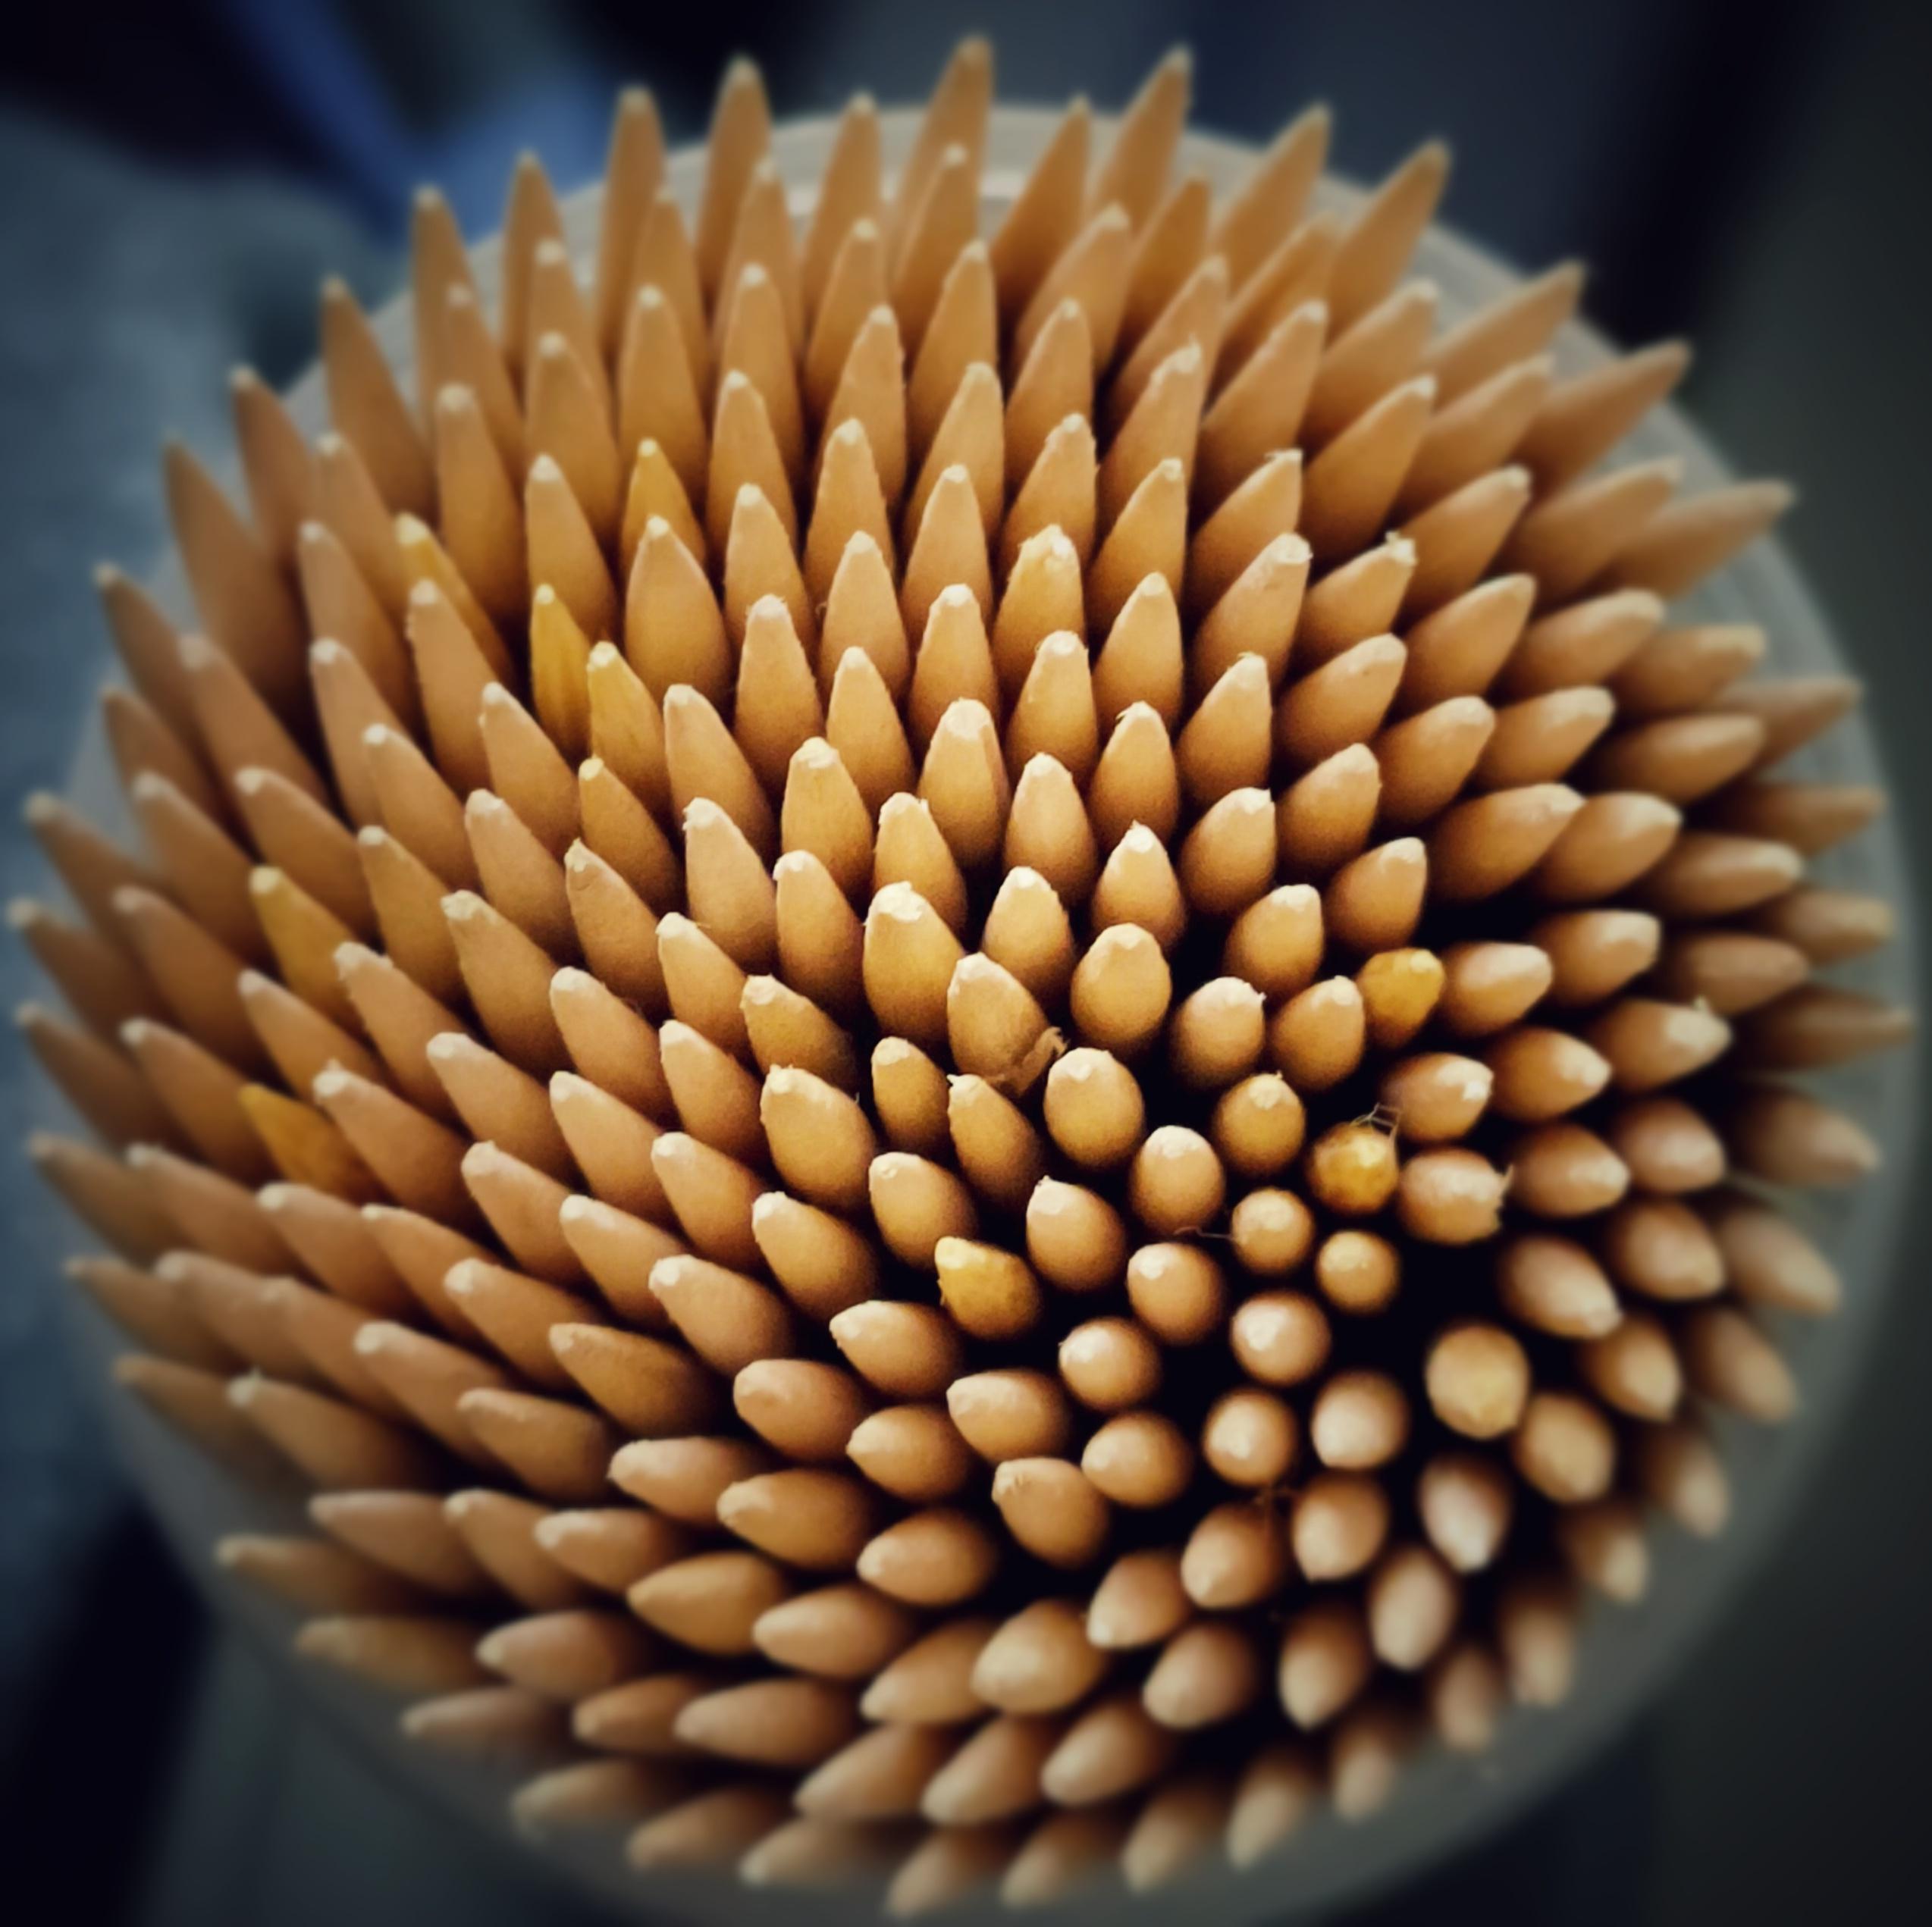 toothpicks close up